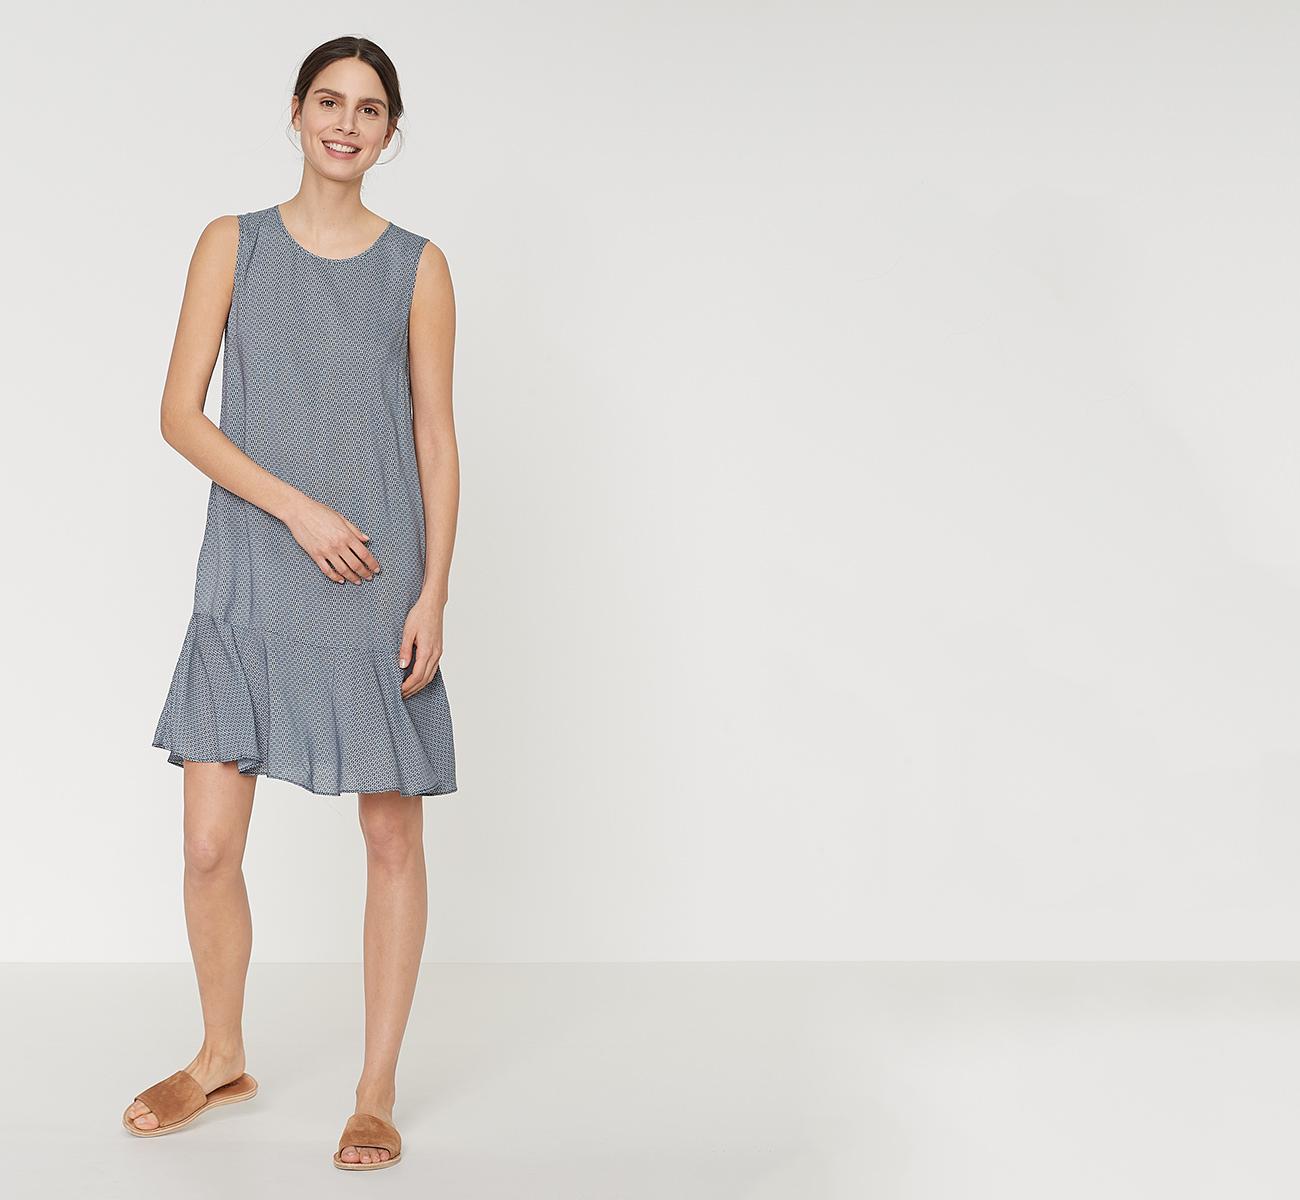 Sommerliche Kleider